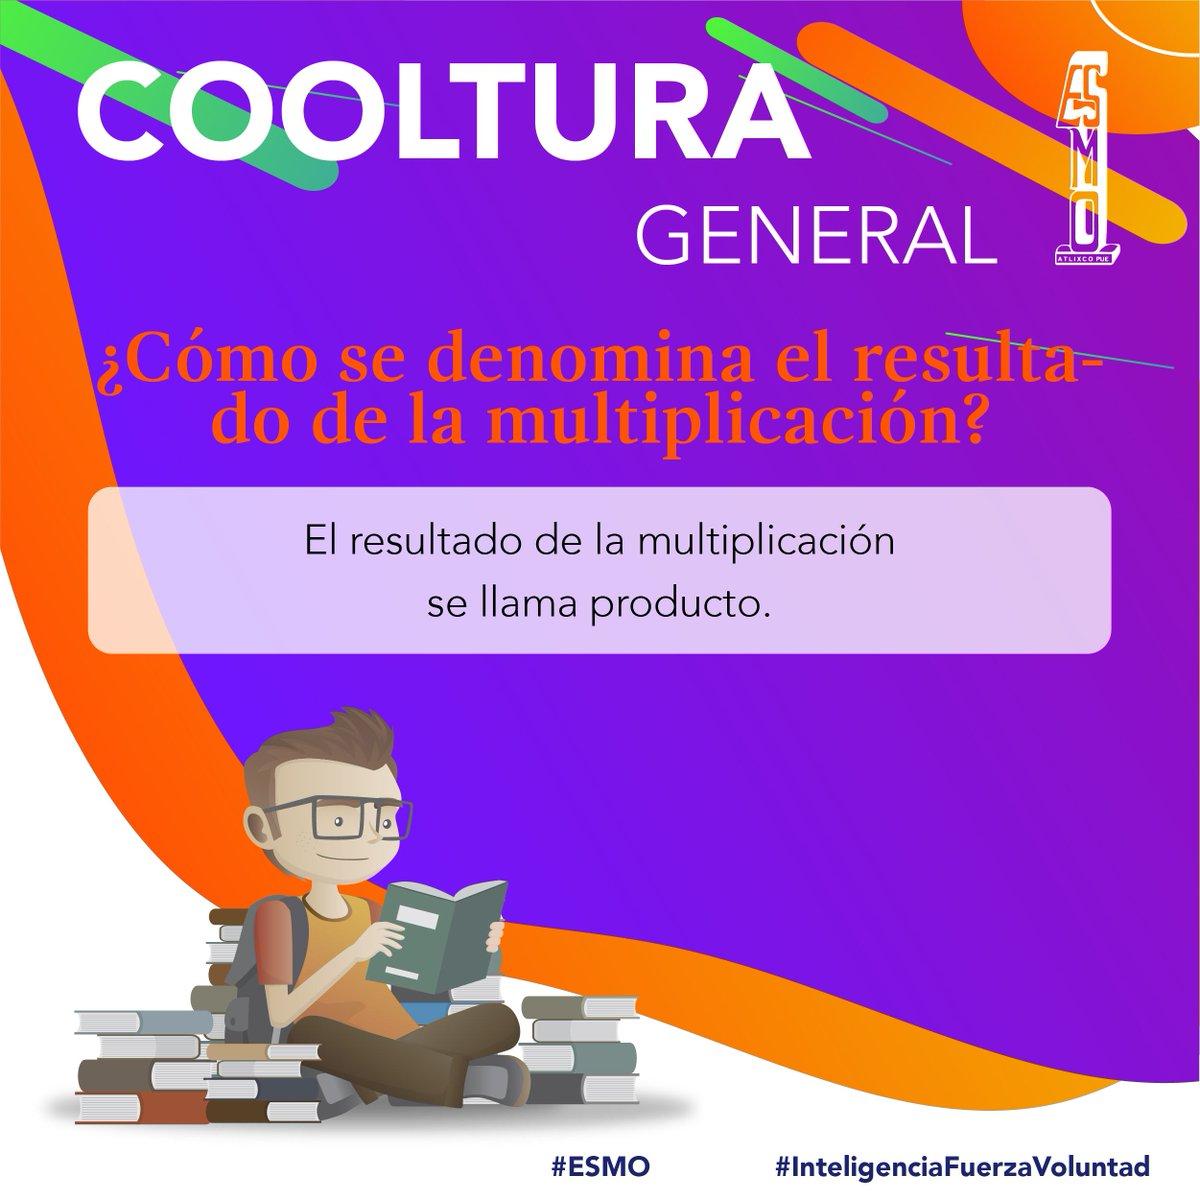 🤓 Toma en cuenta estos datos que te darán una buena charla para ser COOL 😎   #ESMO #InteligenciaFuerzaVoluntad #EstrategiaDeLectura #EducaciónBásica #AccionesPorLaEducación #Atlixco #Puebla #México